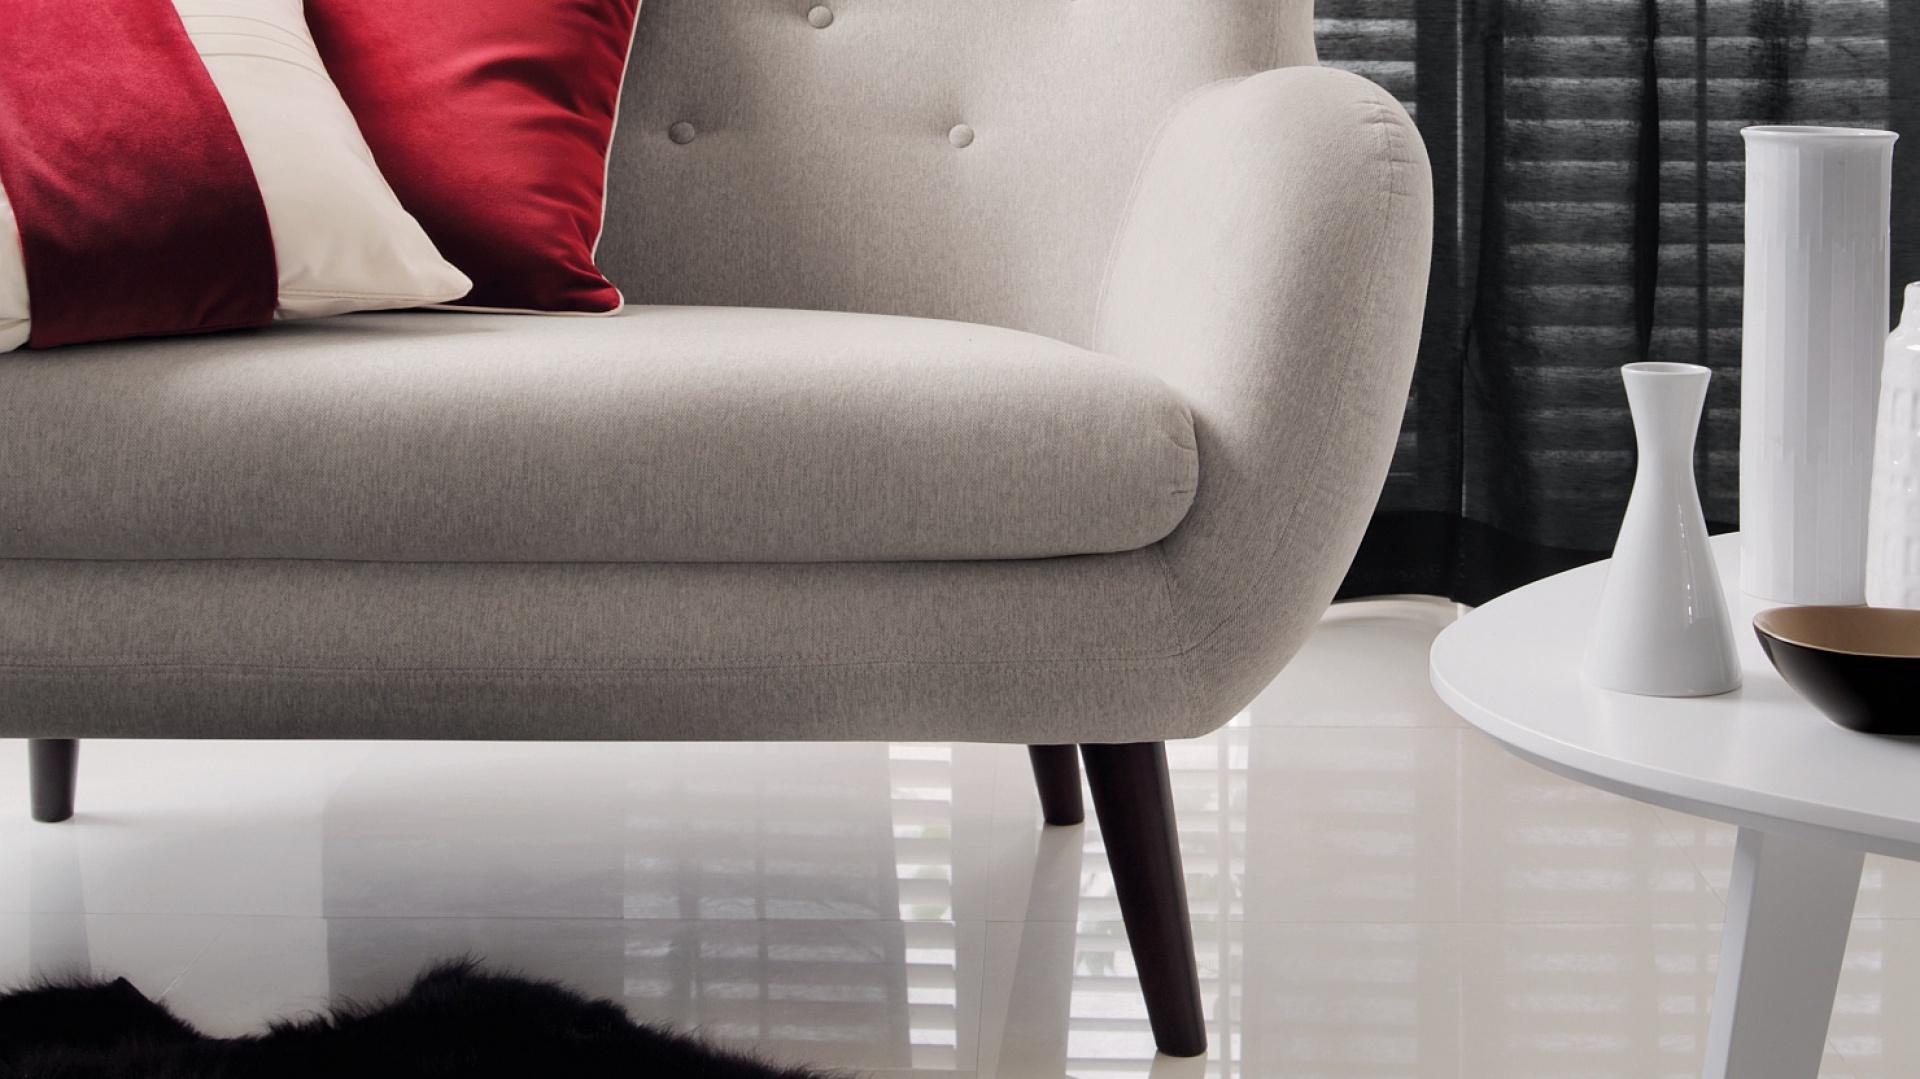 """Firma Fargotex Group oferuje tkaninę """"Glam Velvet"""" w modnym kolorze bordowym. Na zdjęciu – poduszki dekoracyjne w tej tkaninie. To wysokiej jakości velvet w klasycznym wydaniu. Zgodnie z aktualnymi trendami """"Glam Velvet"""" przyciąga niezwykle miłą, miękką fakturą. Fot. Fargotex"""